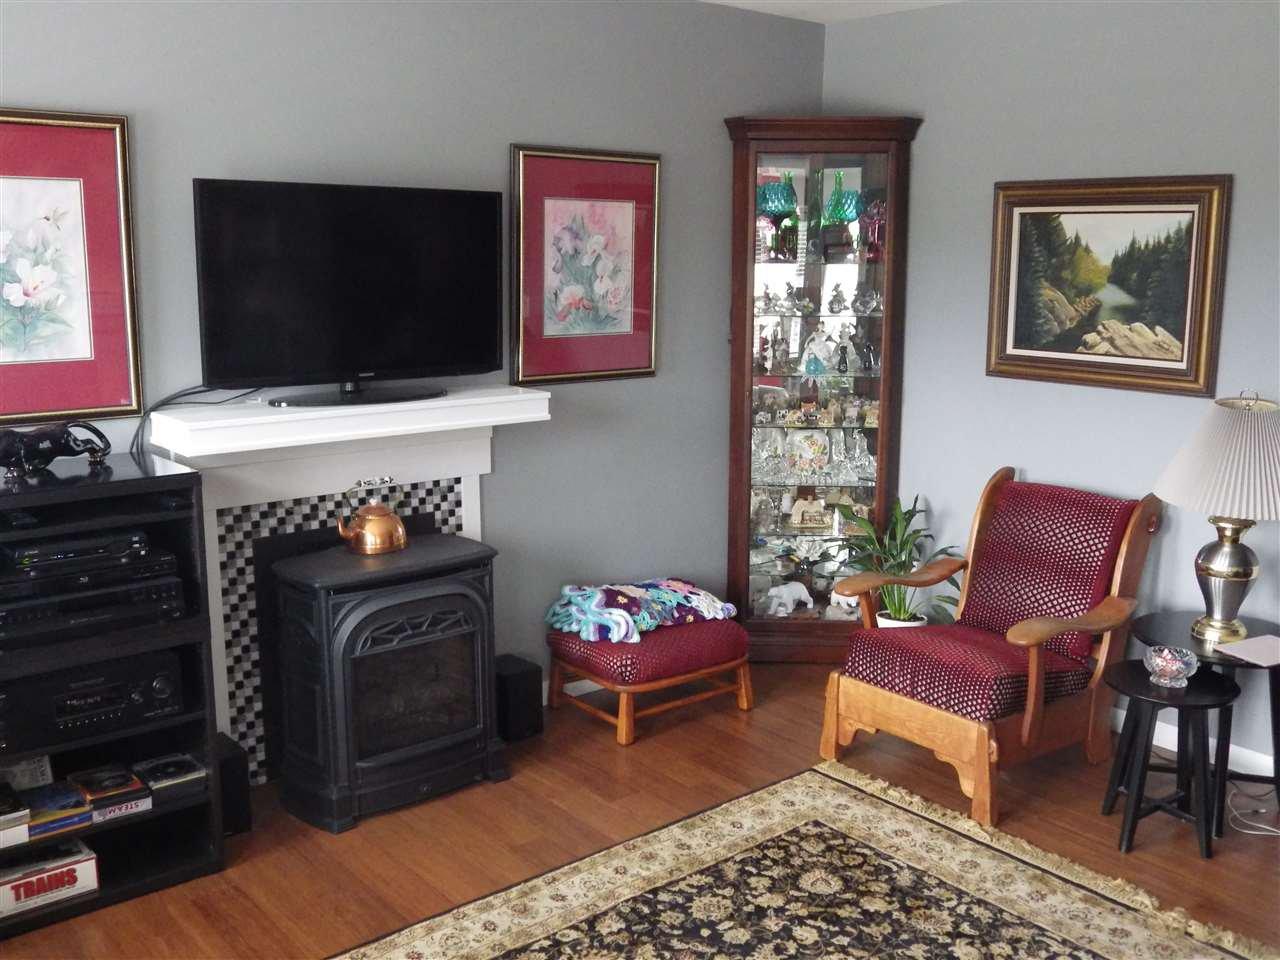 Photo 5: Photos: 5599 MEDUSA Place in Sechelt: Sechelt District House for sale (Sunshine Coast)  : MLS®# R2344394